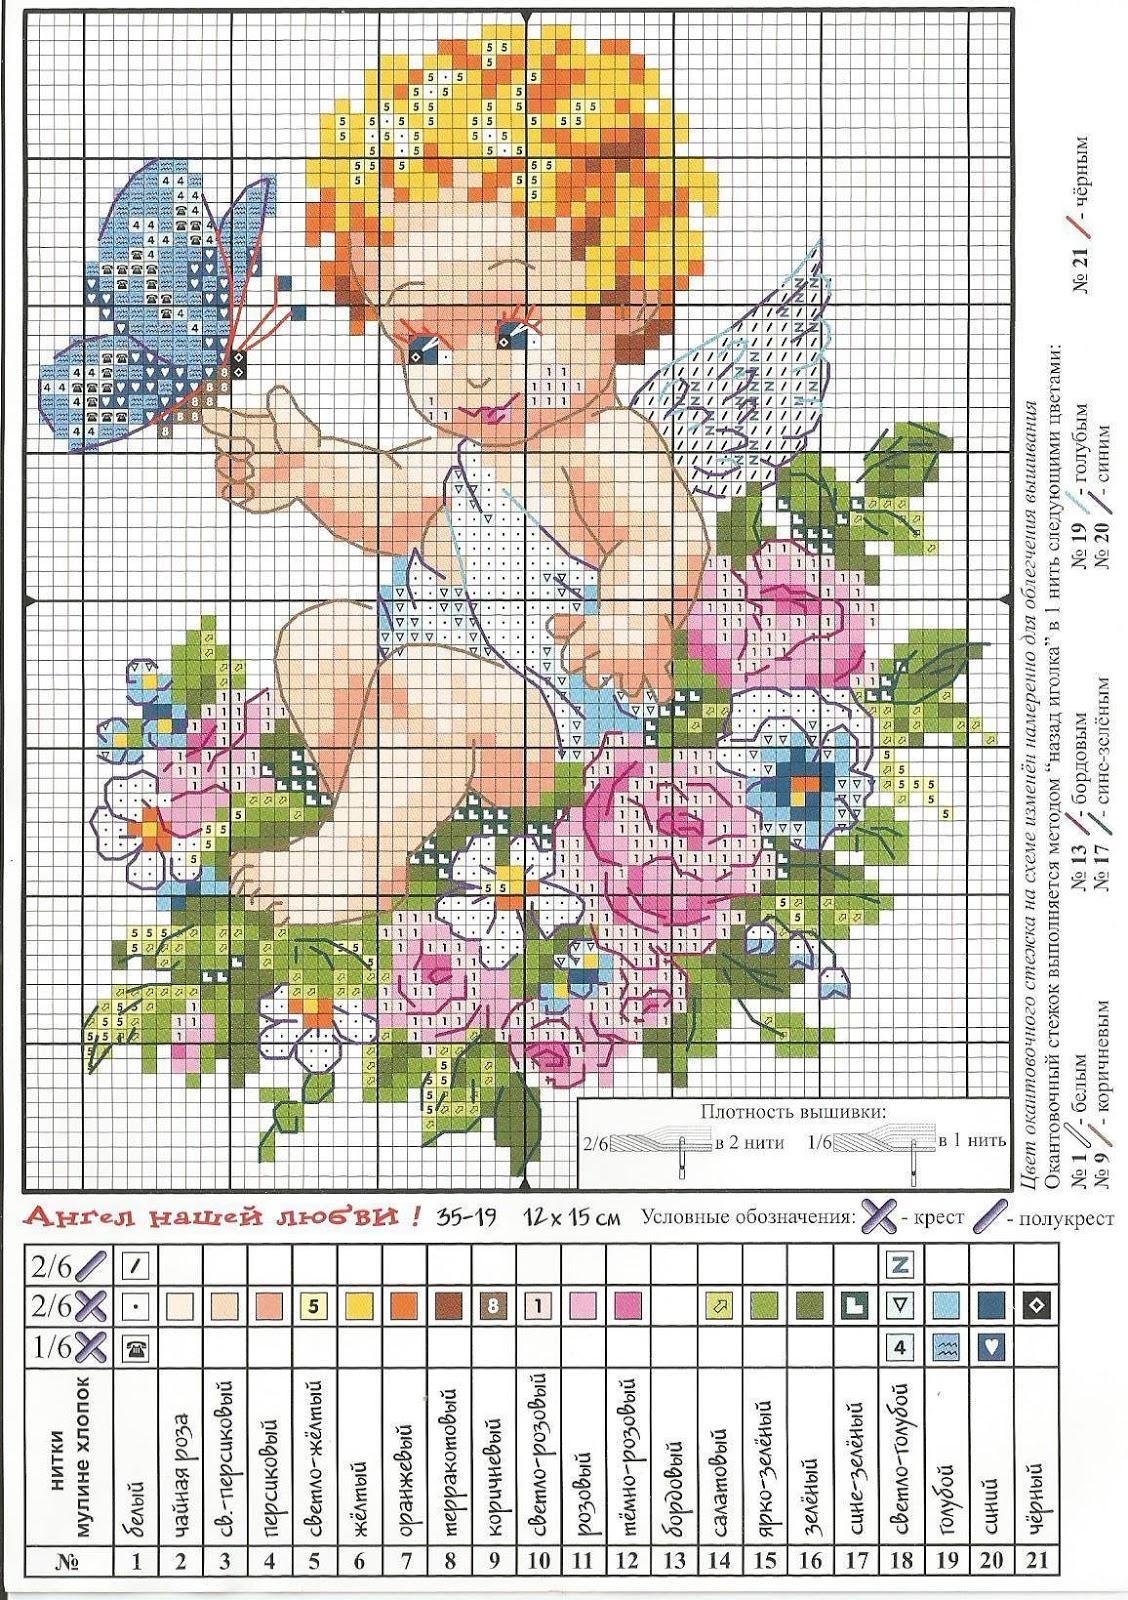 Ангел схема для вышивания фото 734